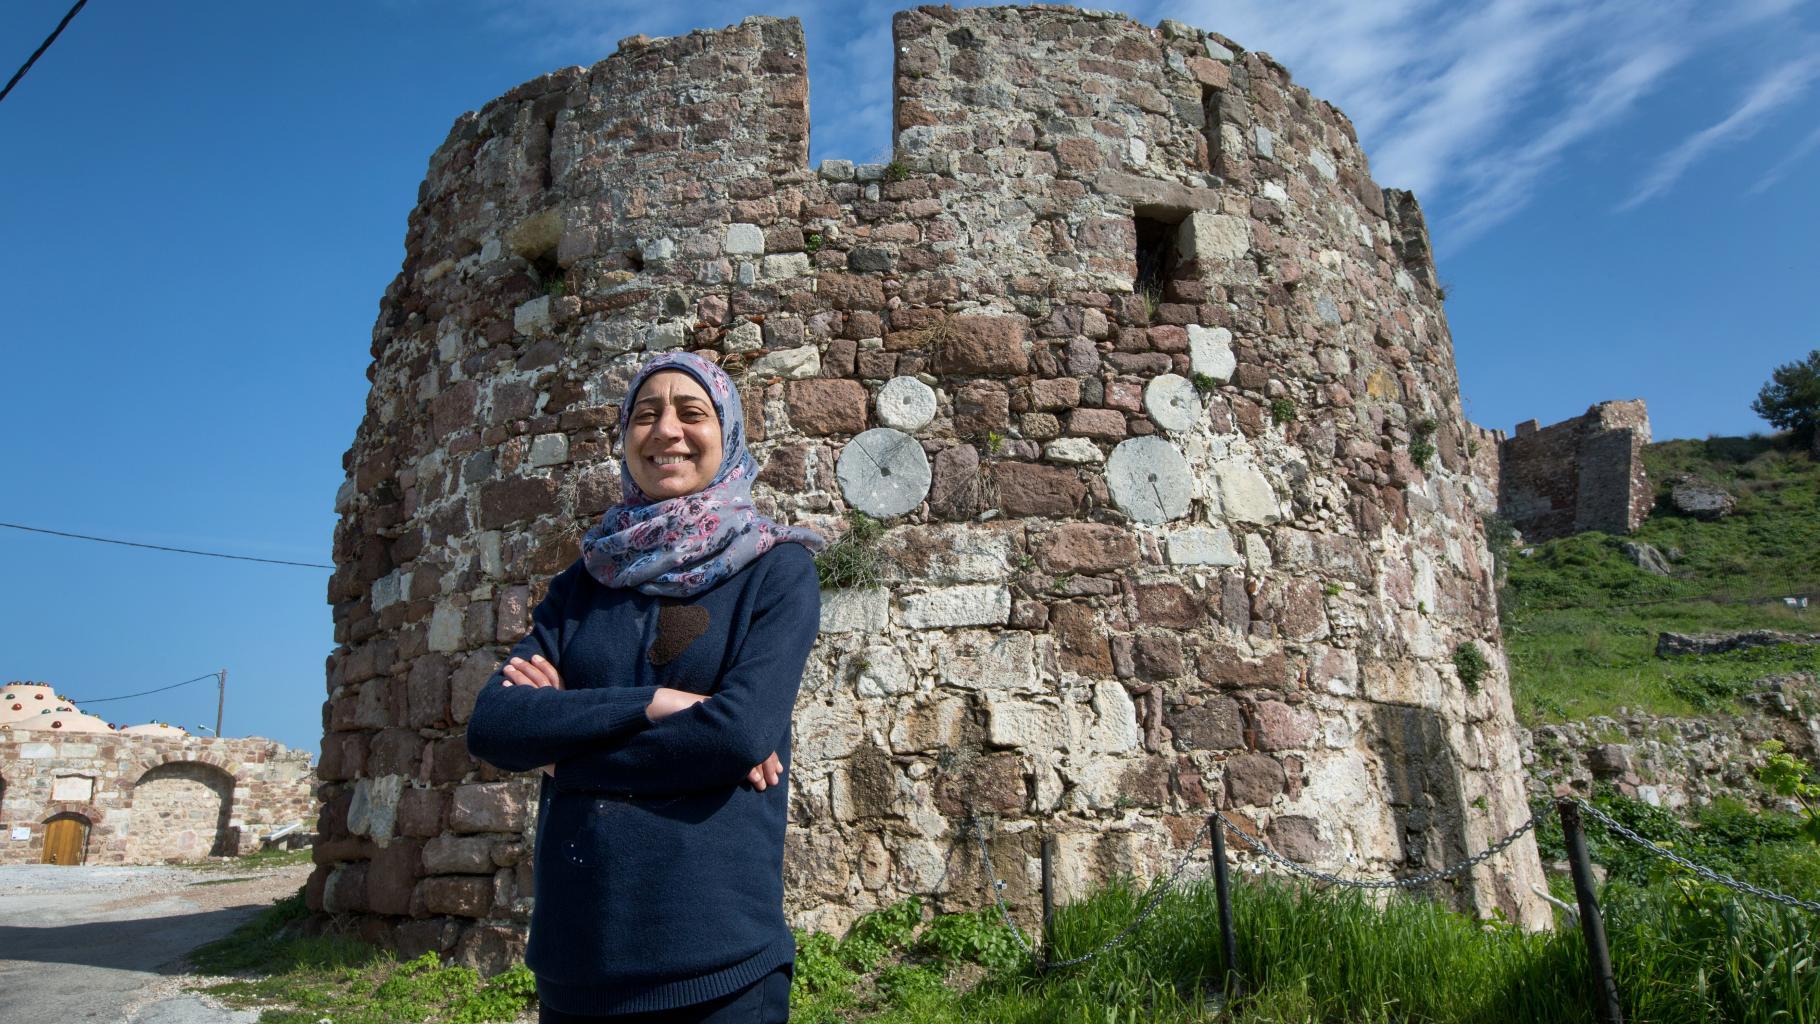 Bloggerin Amal auf der griechischen Insel Lesbos